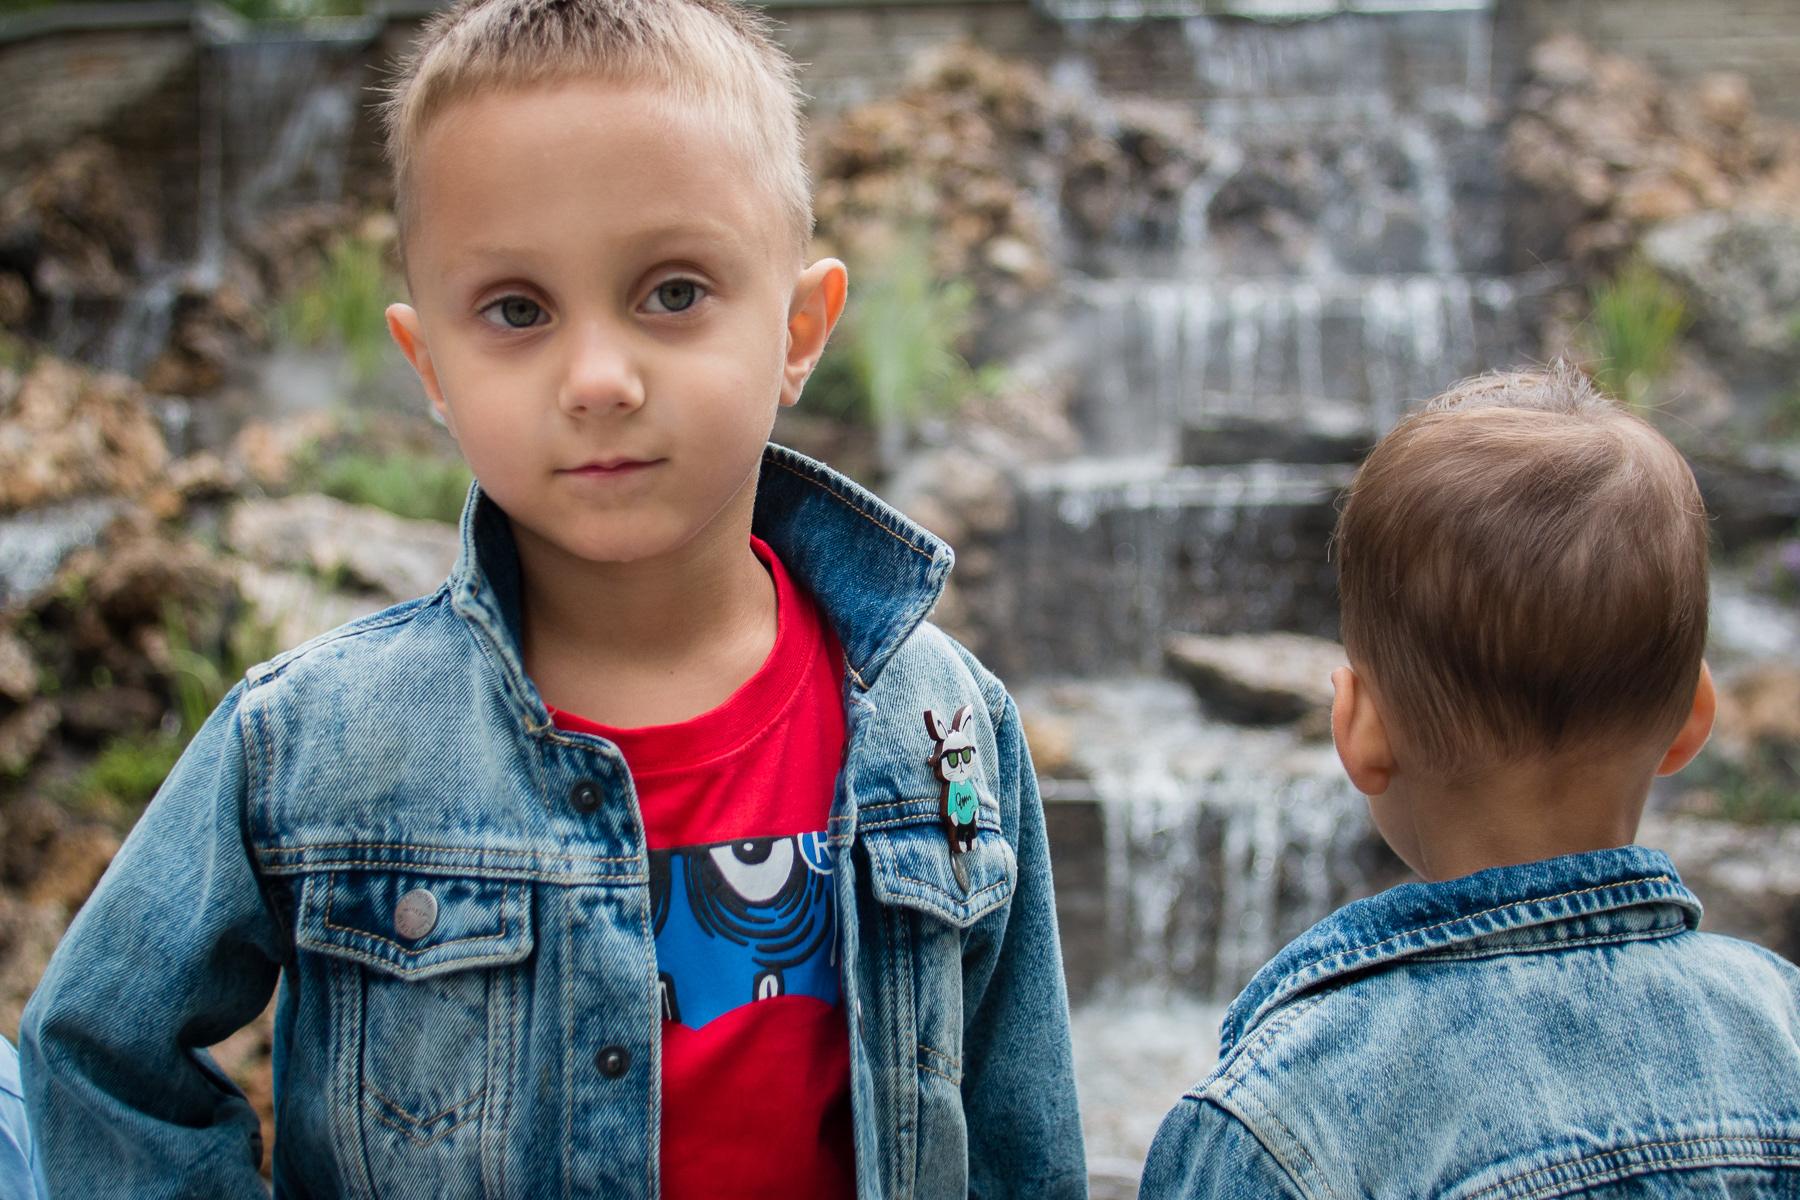 Русский инцест родного брата с сестрой, Инцест брата с сестрой 8 фотография